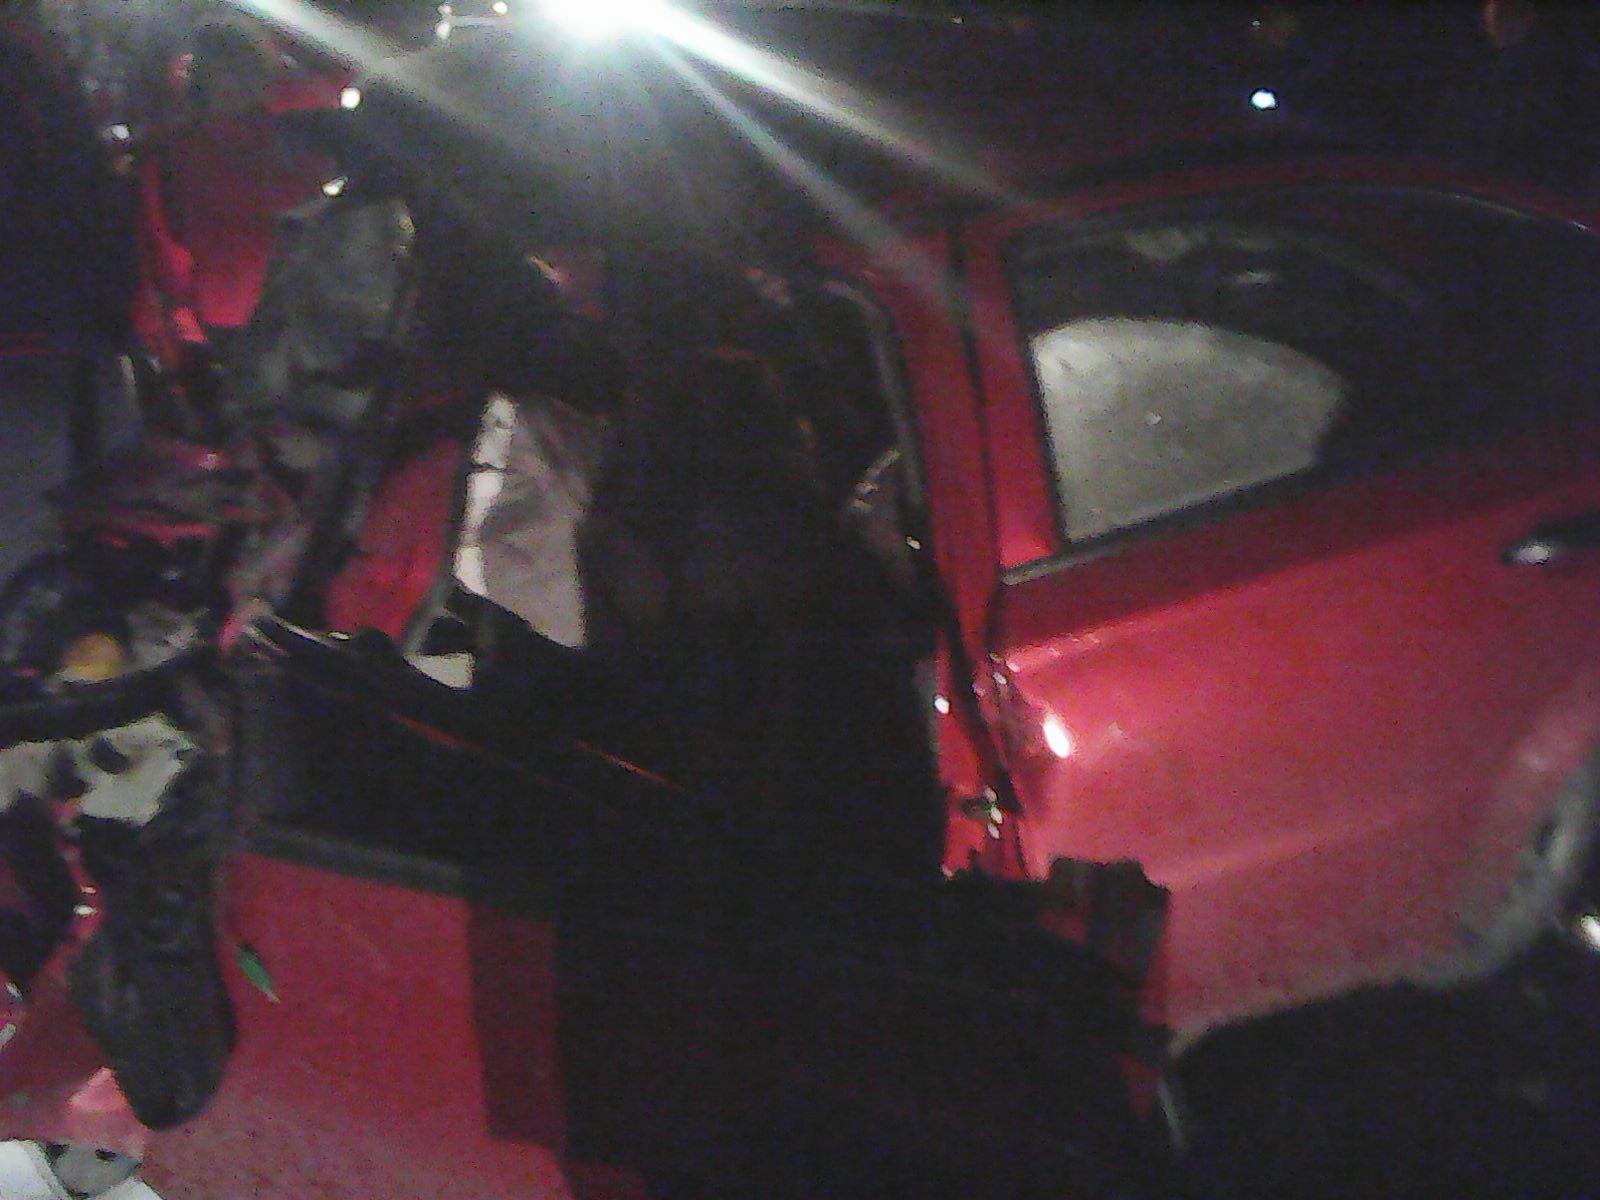 В Одесской области Chevrolet столкнулся с Volkswagen: 4 погибших